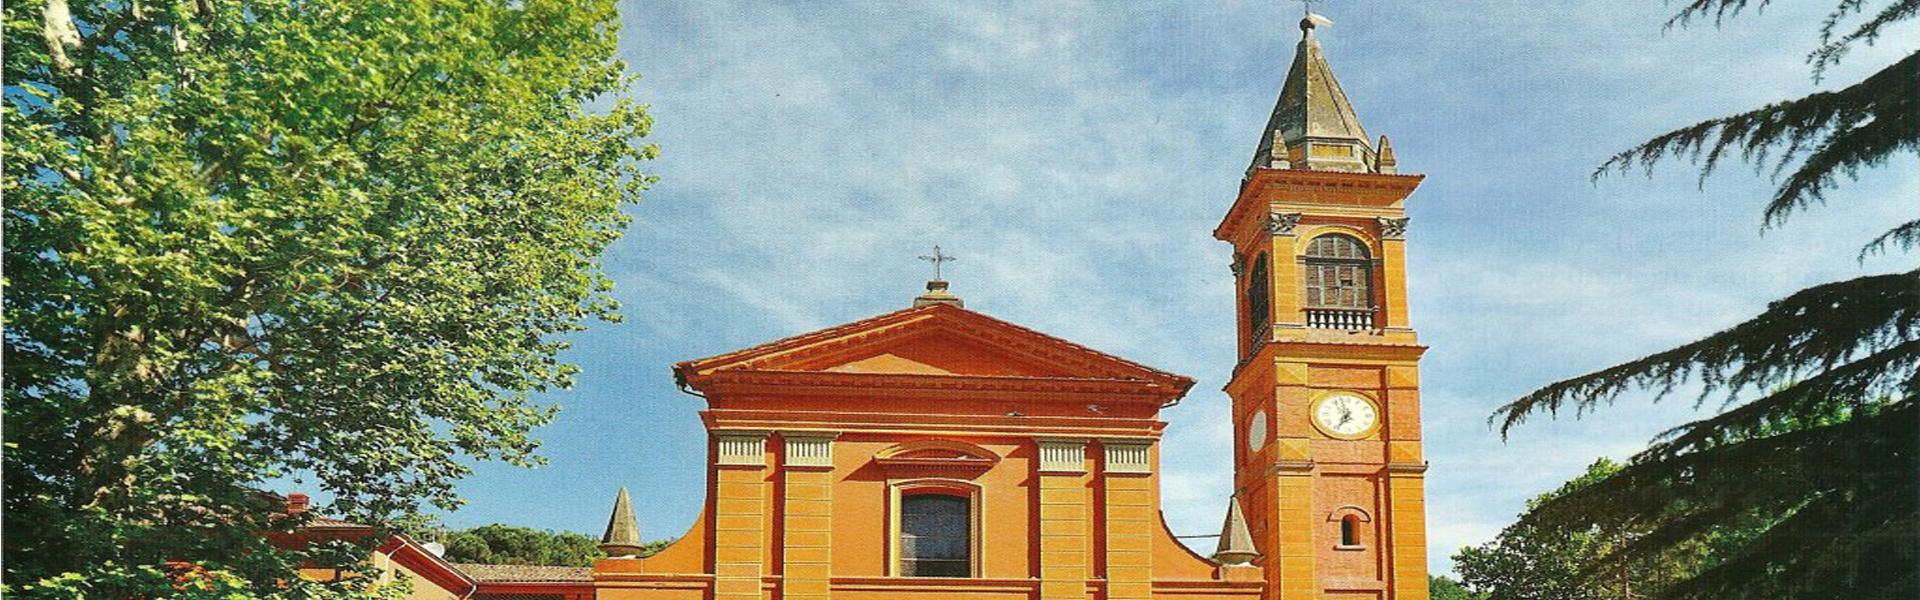 Parrocchia di Monte San Giovanni